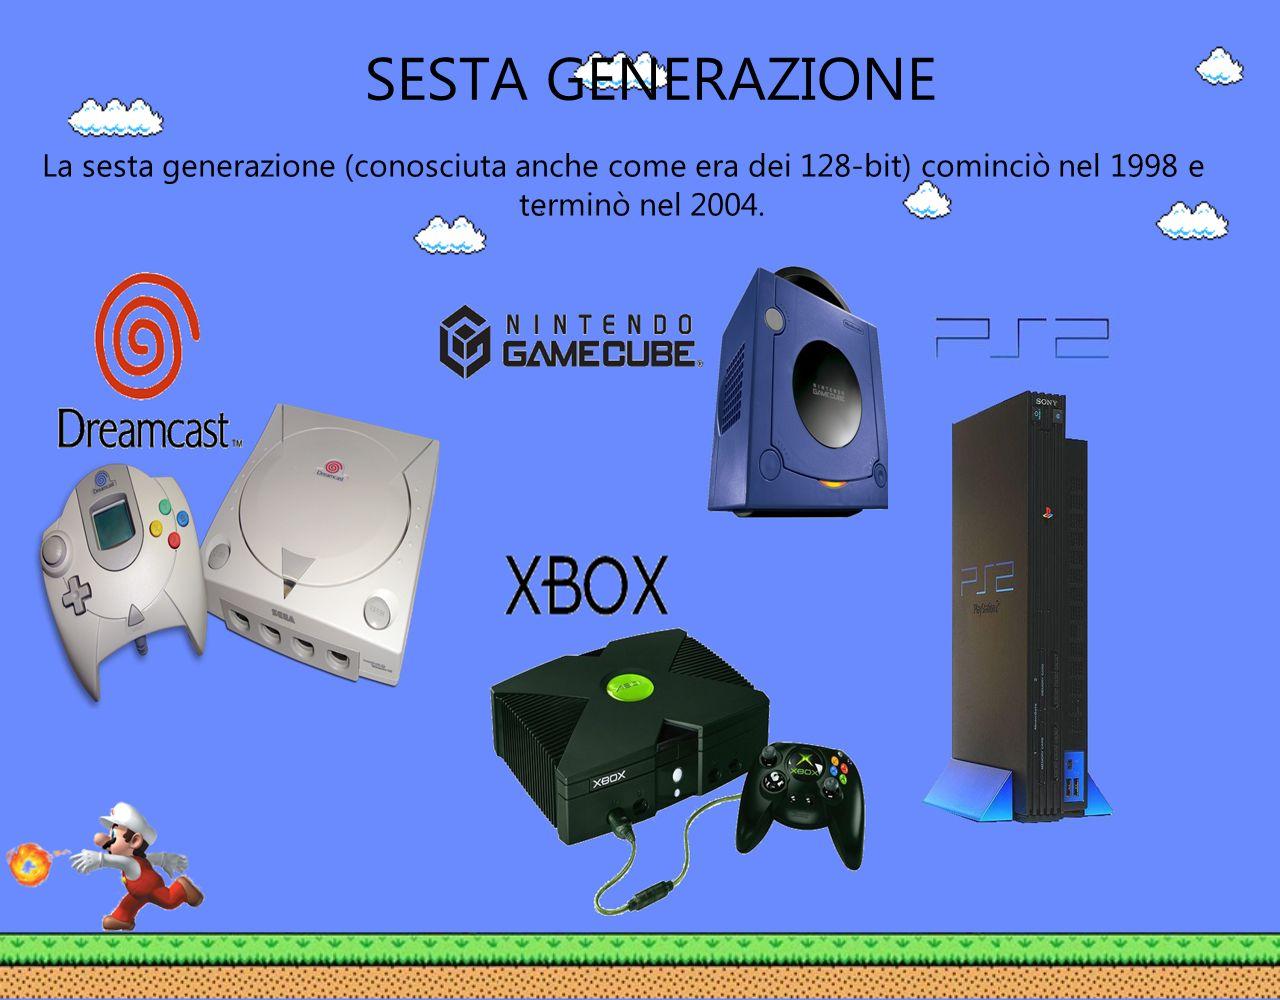 SESTA GENERAZIONE La sesta generazione (conosciuta anche come era dei 128-bit) cominciò nel 1998 e terminò nel 2004.